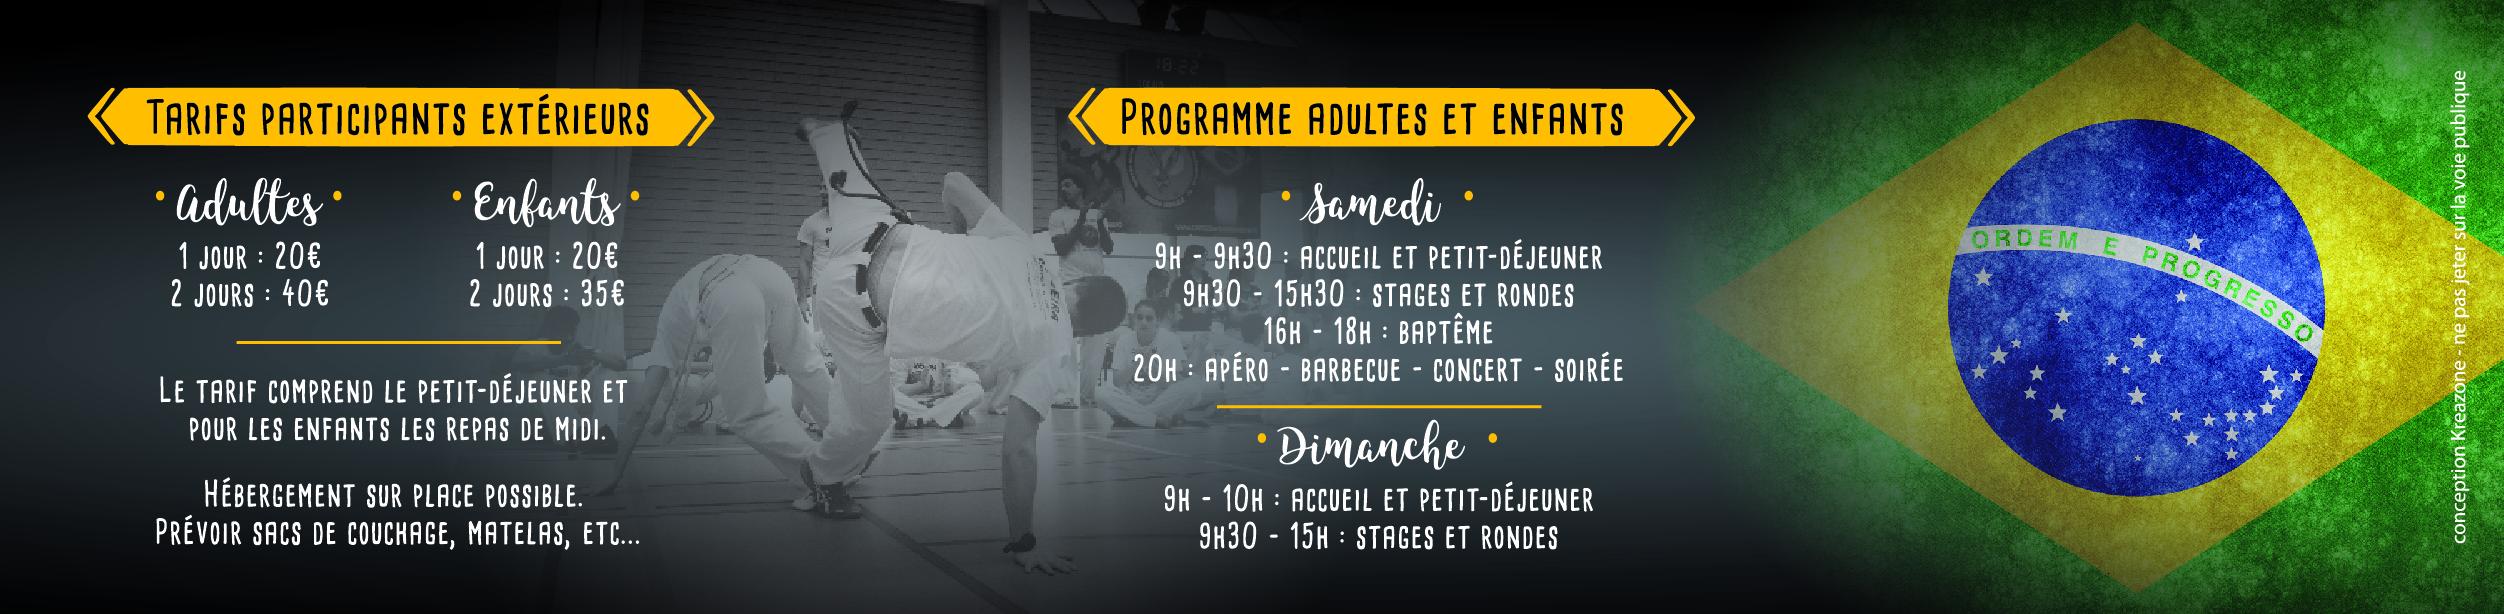 festival capoeira 2018 -2